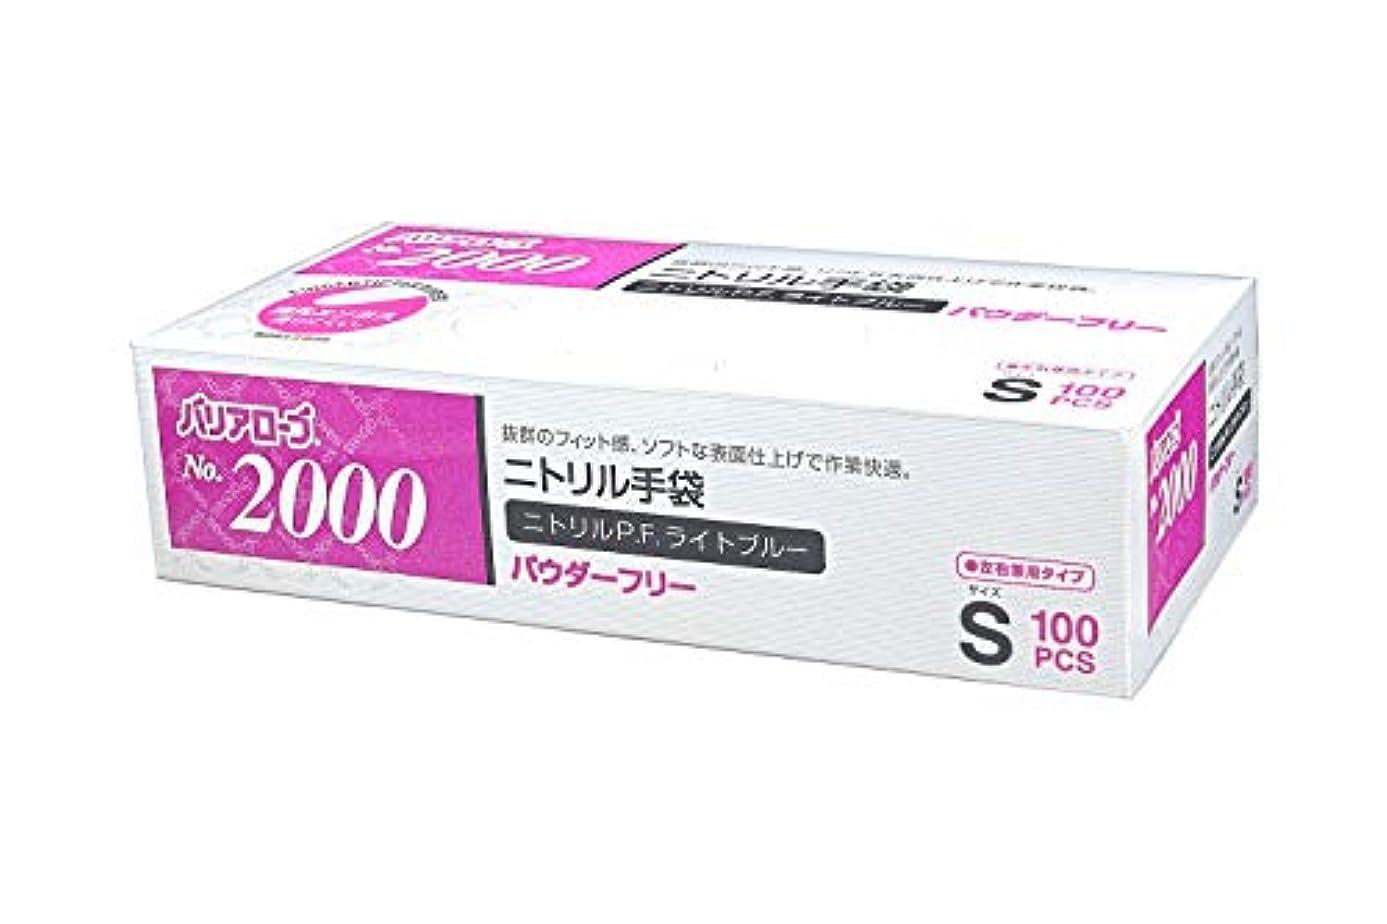 呼ぶ遠え感情【ケース販売】 バリアローブ №2000 ニトリルP.F.ライト ブルー (パウダーフリー) S 2000枚(100枚×20箱)